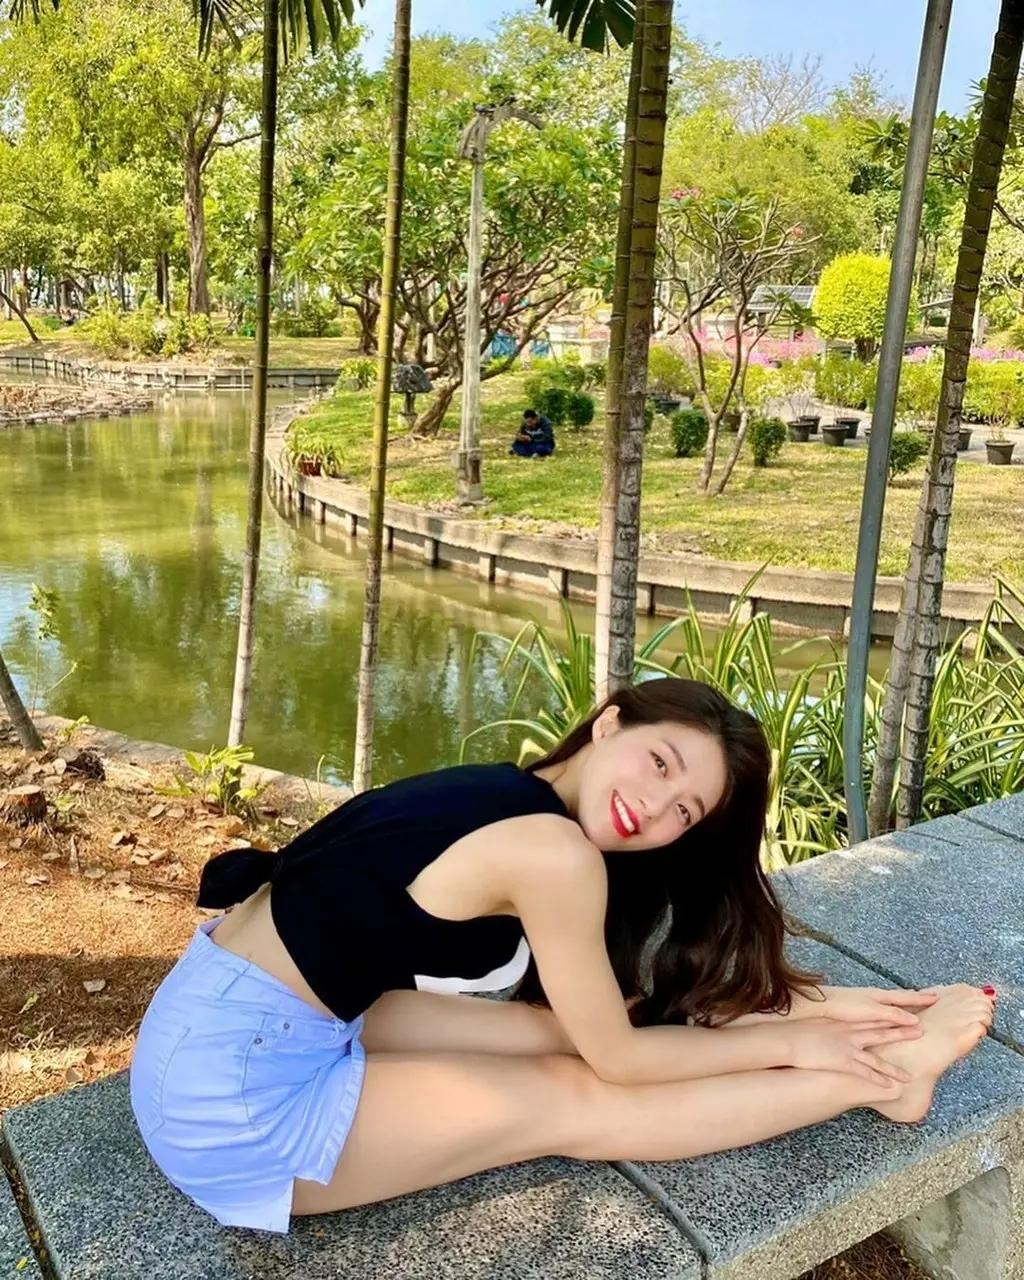 韩国瑜珈女神金成熙